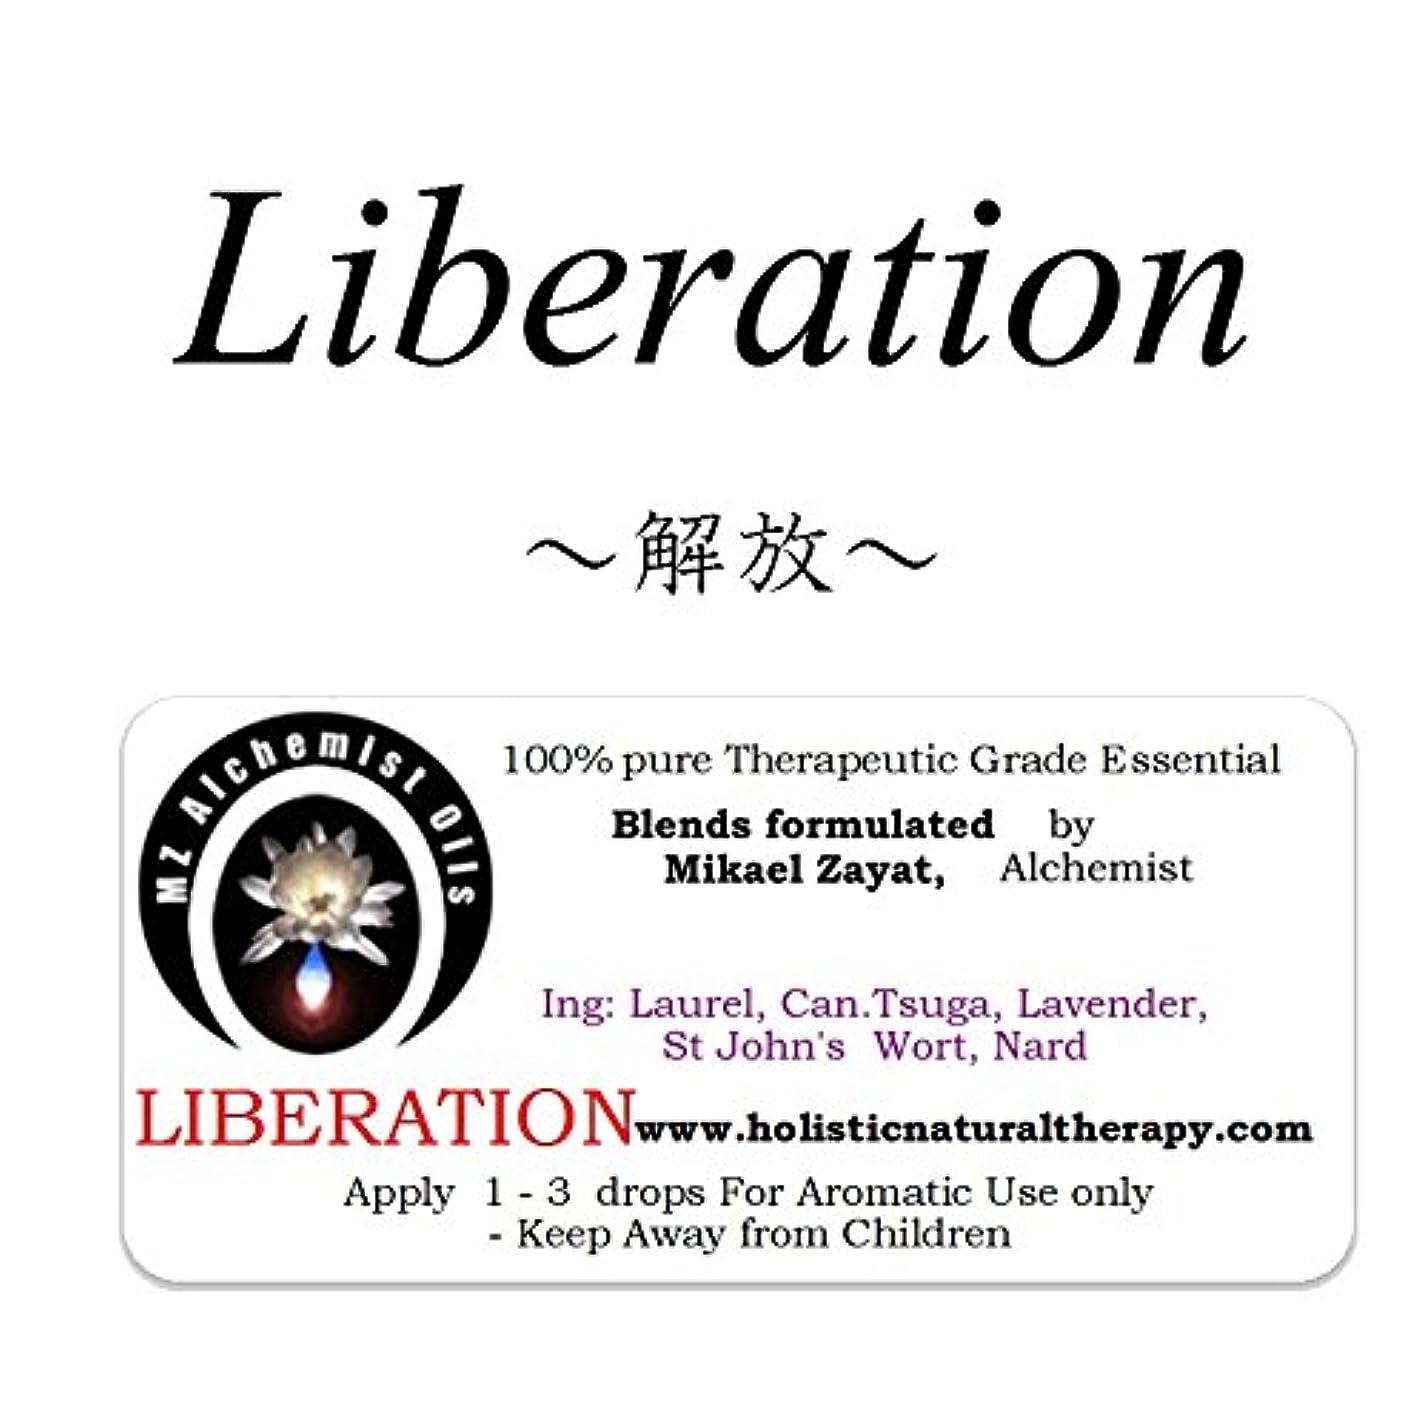 説得力のある土器空虚ミカエル?ザヤットアルケミストオイル セラピストグレードアロマオイル Liberation-リベレーション(解放)- 4ml